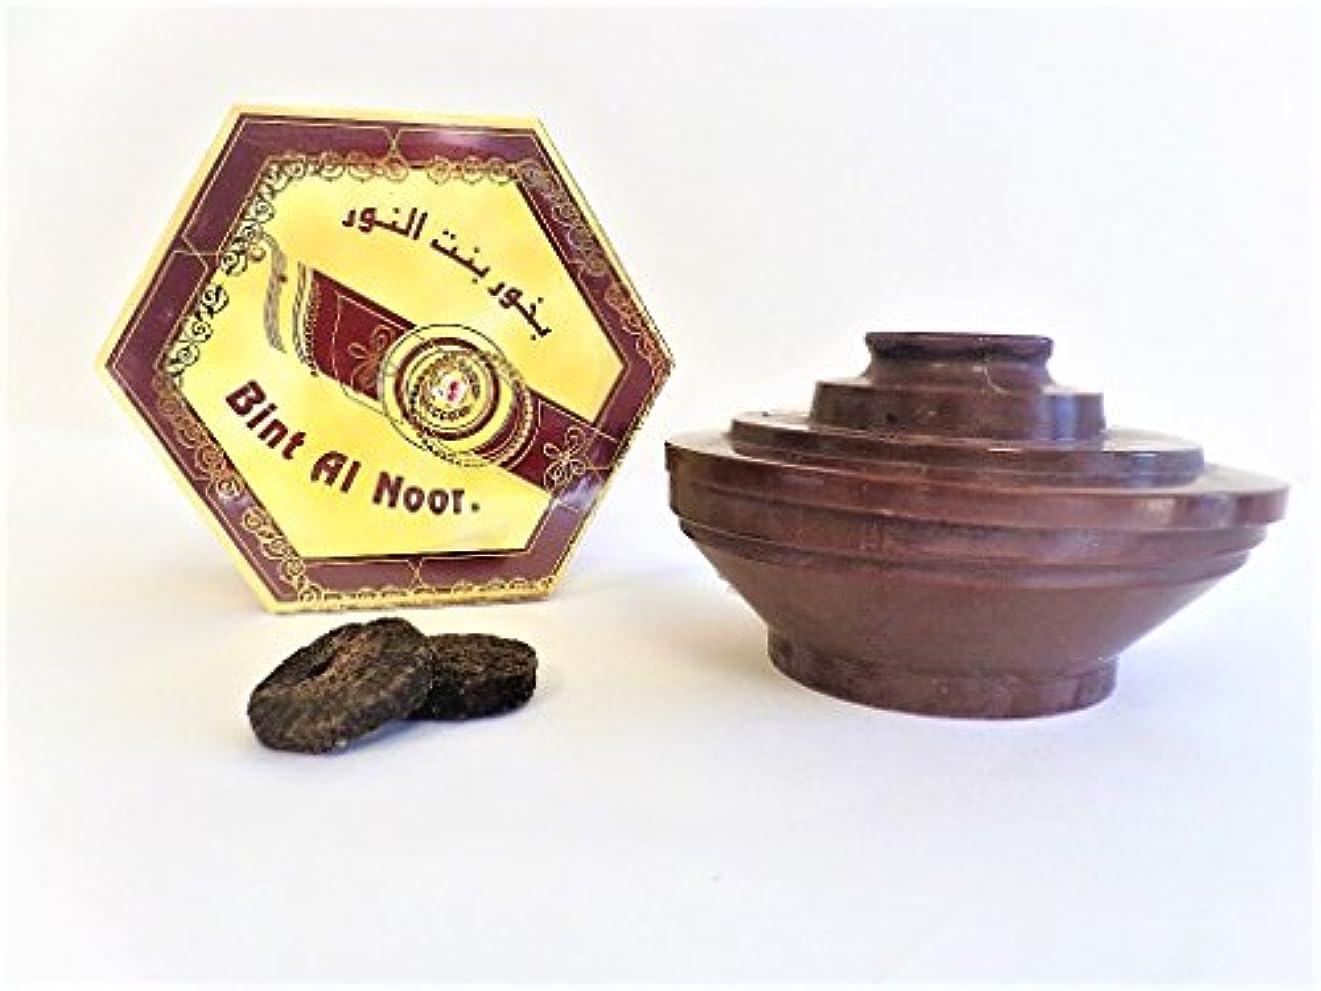 押し下げる松の木シンボルBakhoor Bent al Anoor、Arabianホームフレグランスお香、正味重量100 gm。 – ???? ??? ?????